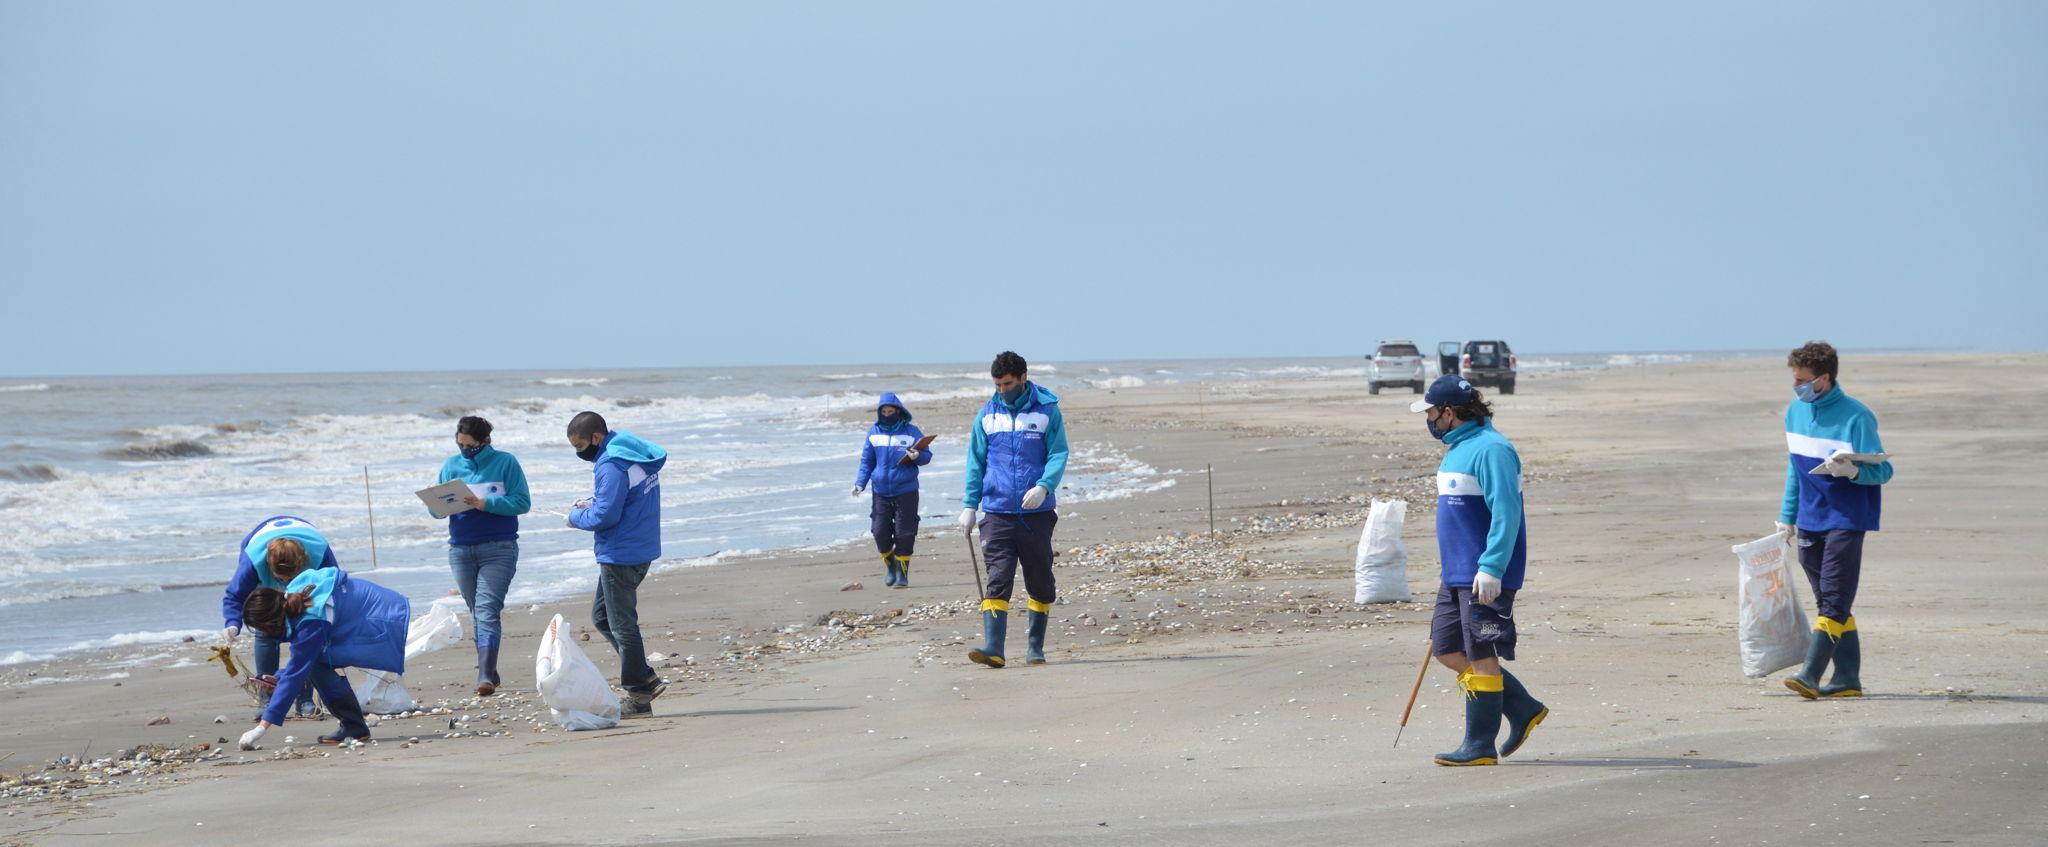 Censo y limpieza de playas en el Partido de la Costa: el 86% de los residuos encontrados fueron plásticos